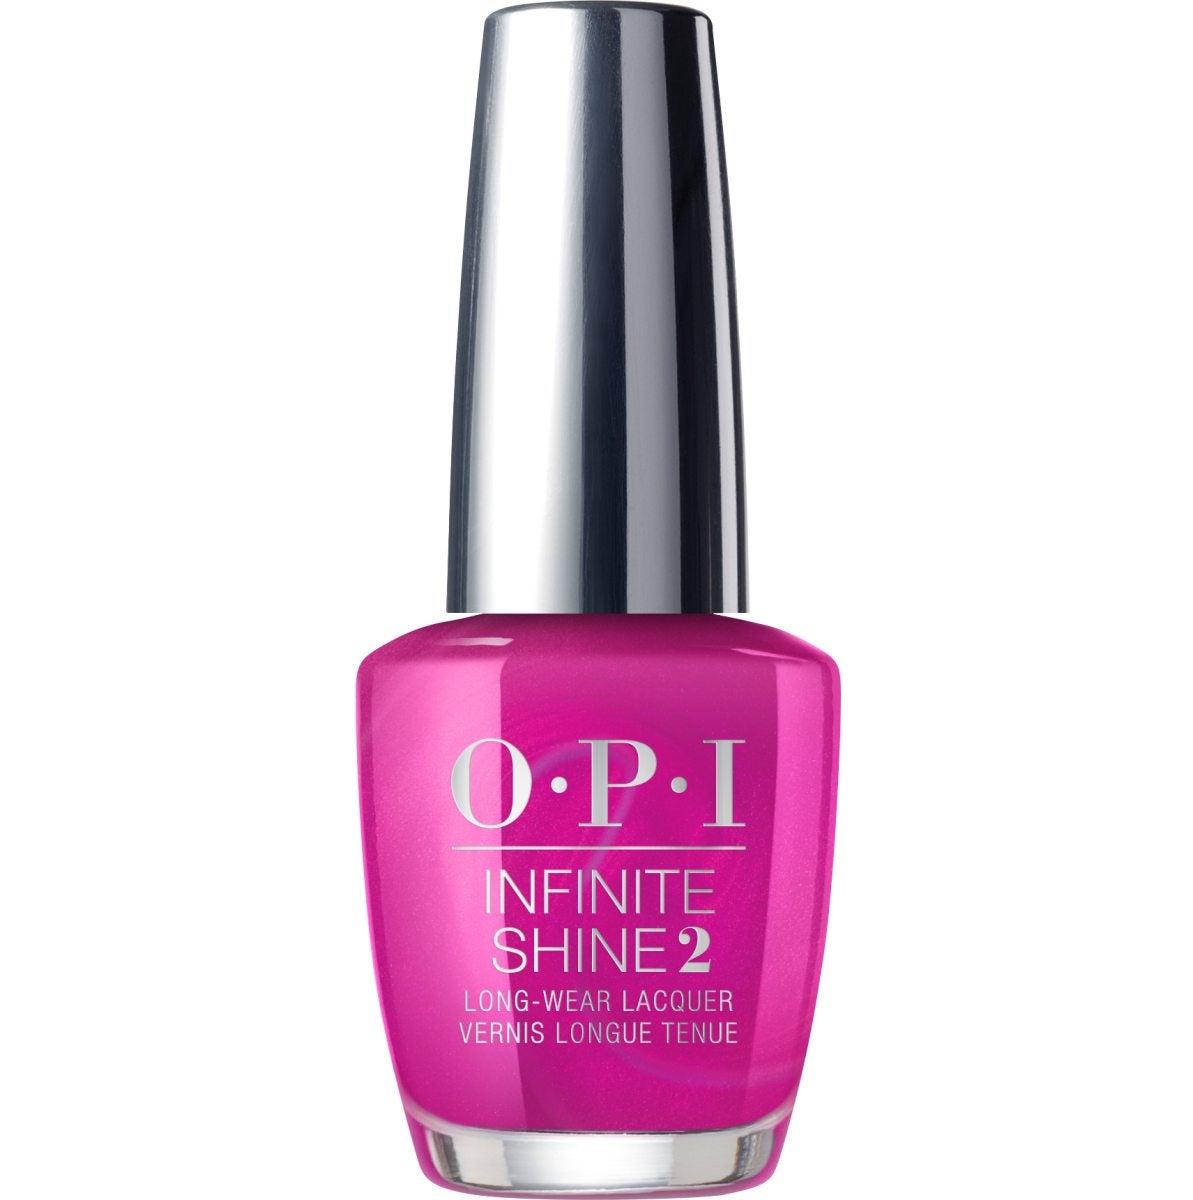 Köp Infinite Shine, All Your Dreams in Vending Machines 15 ml OPI Nagellack fraktfritt